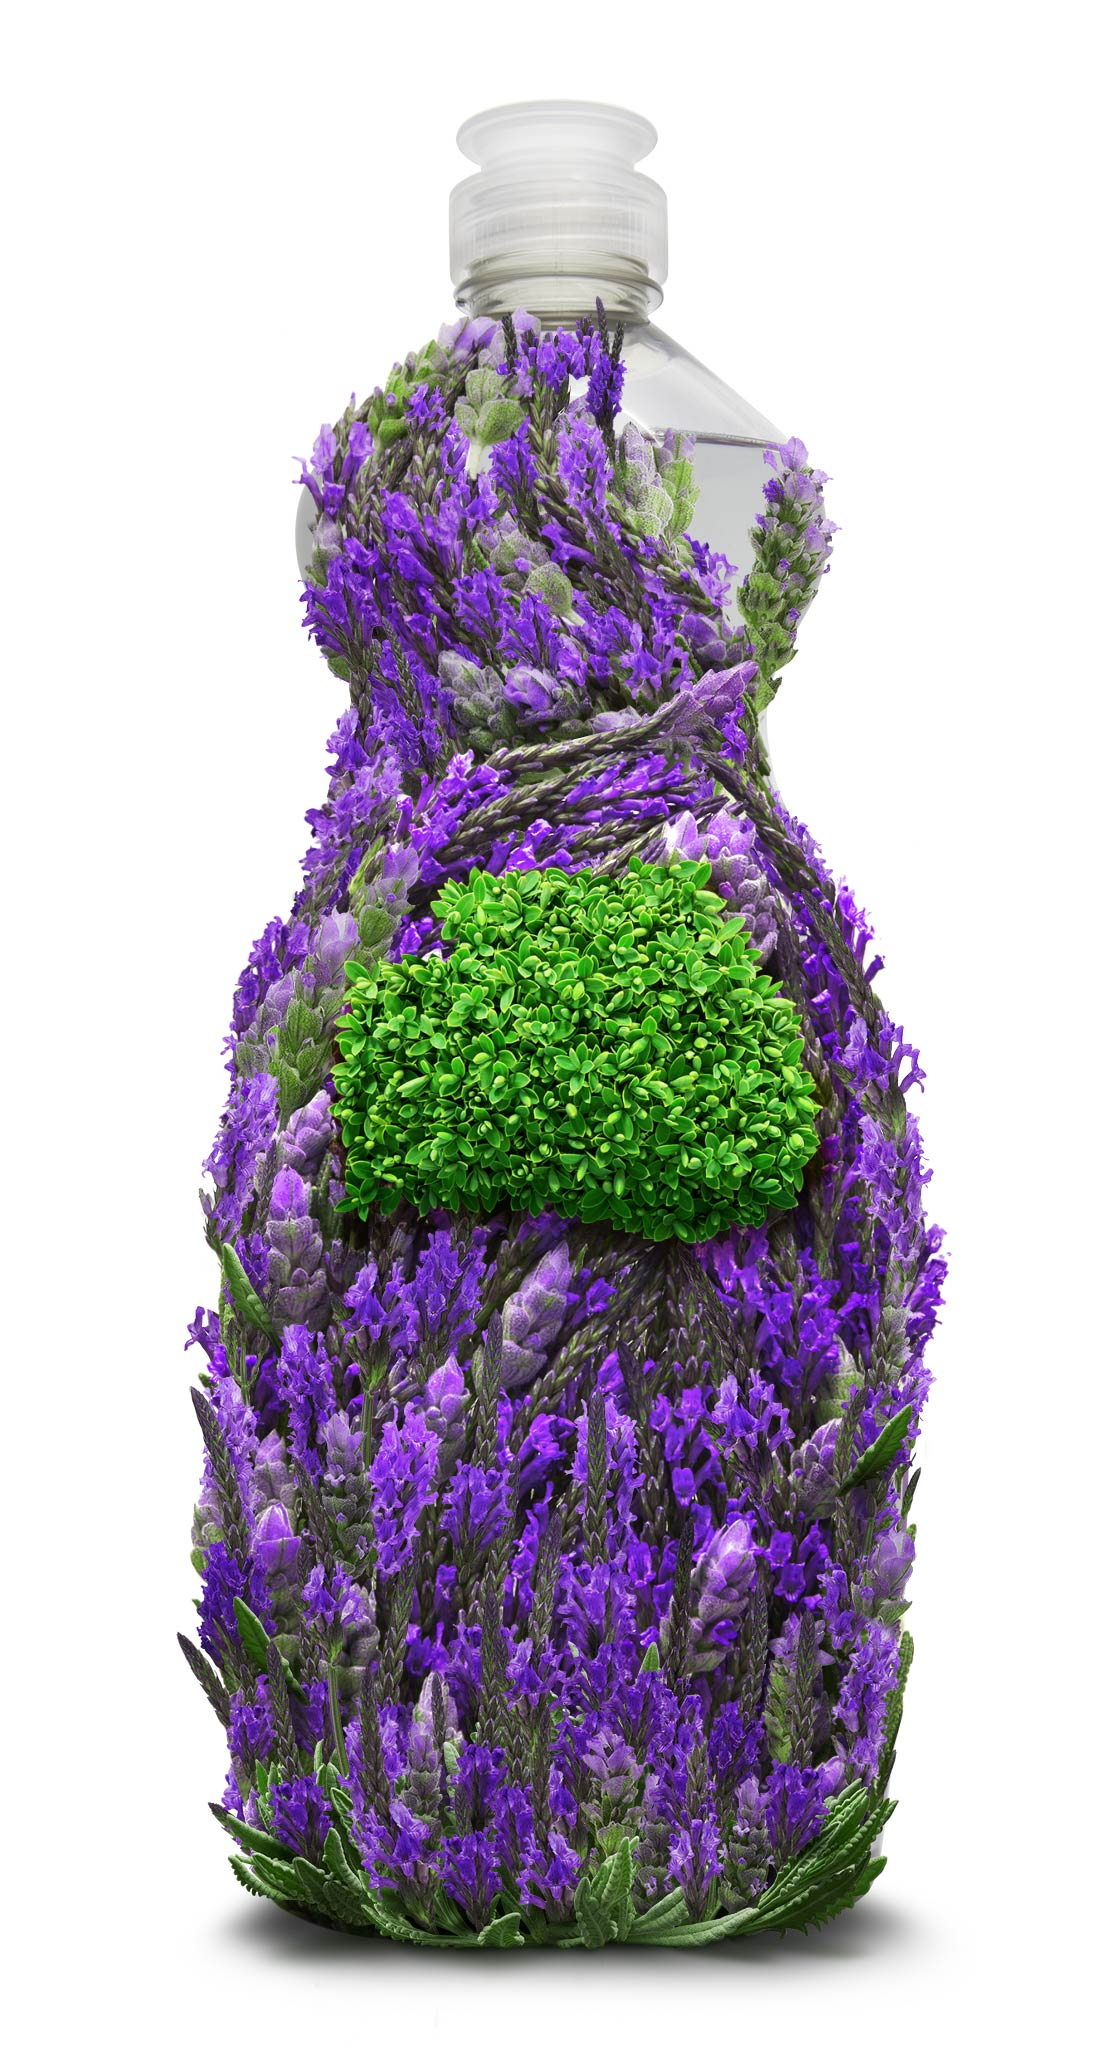 Lavender_DishWashing_09.jpg